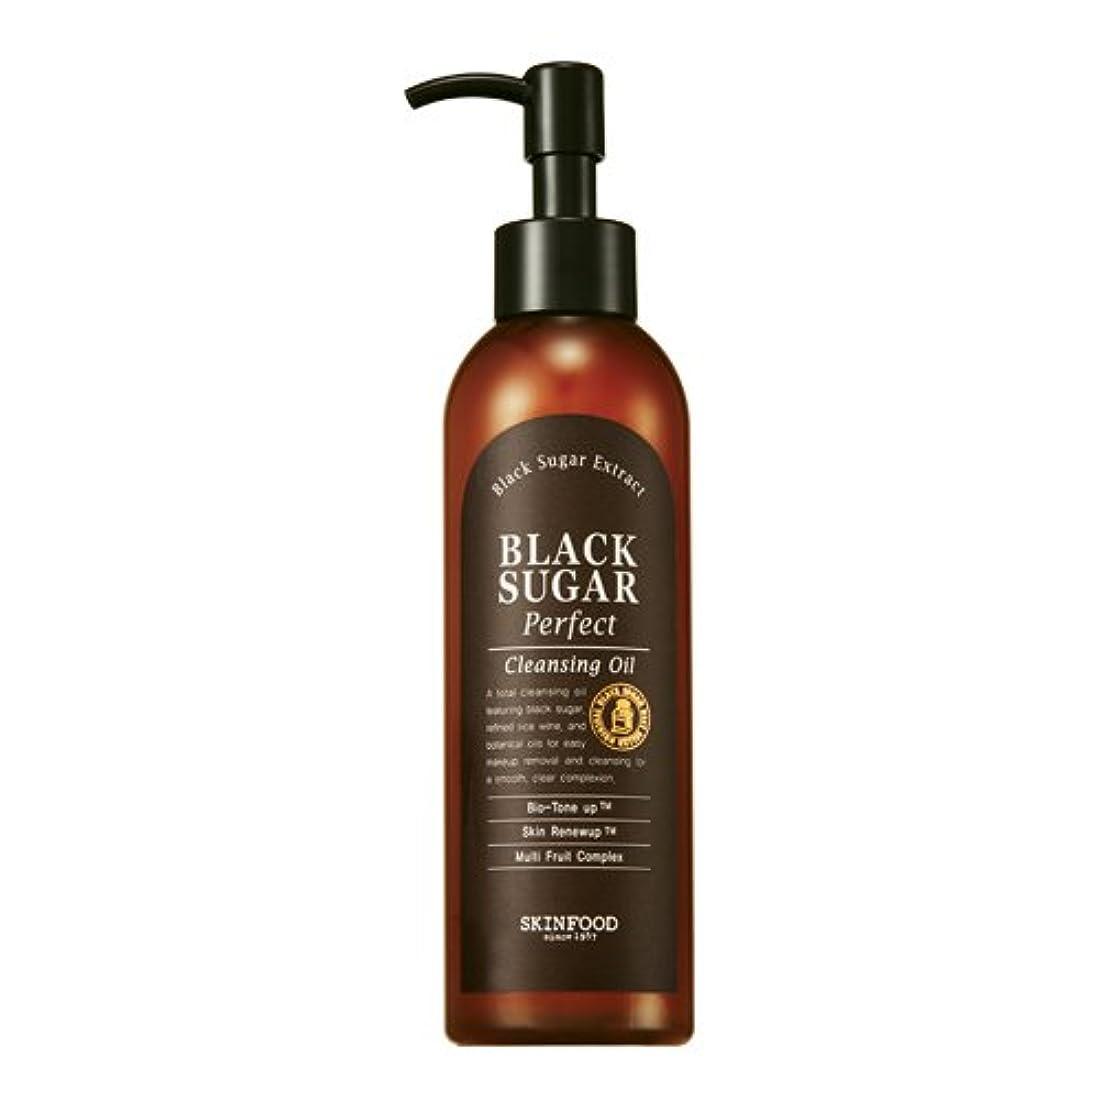 グラマードル殺人Skinfood/Black Sugar Perfect Cleansing Oil/ブラックシュガーパーフェクトクレンジングオイル/200ml [並行輸入品]